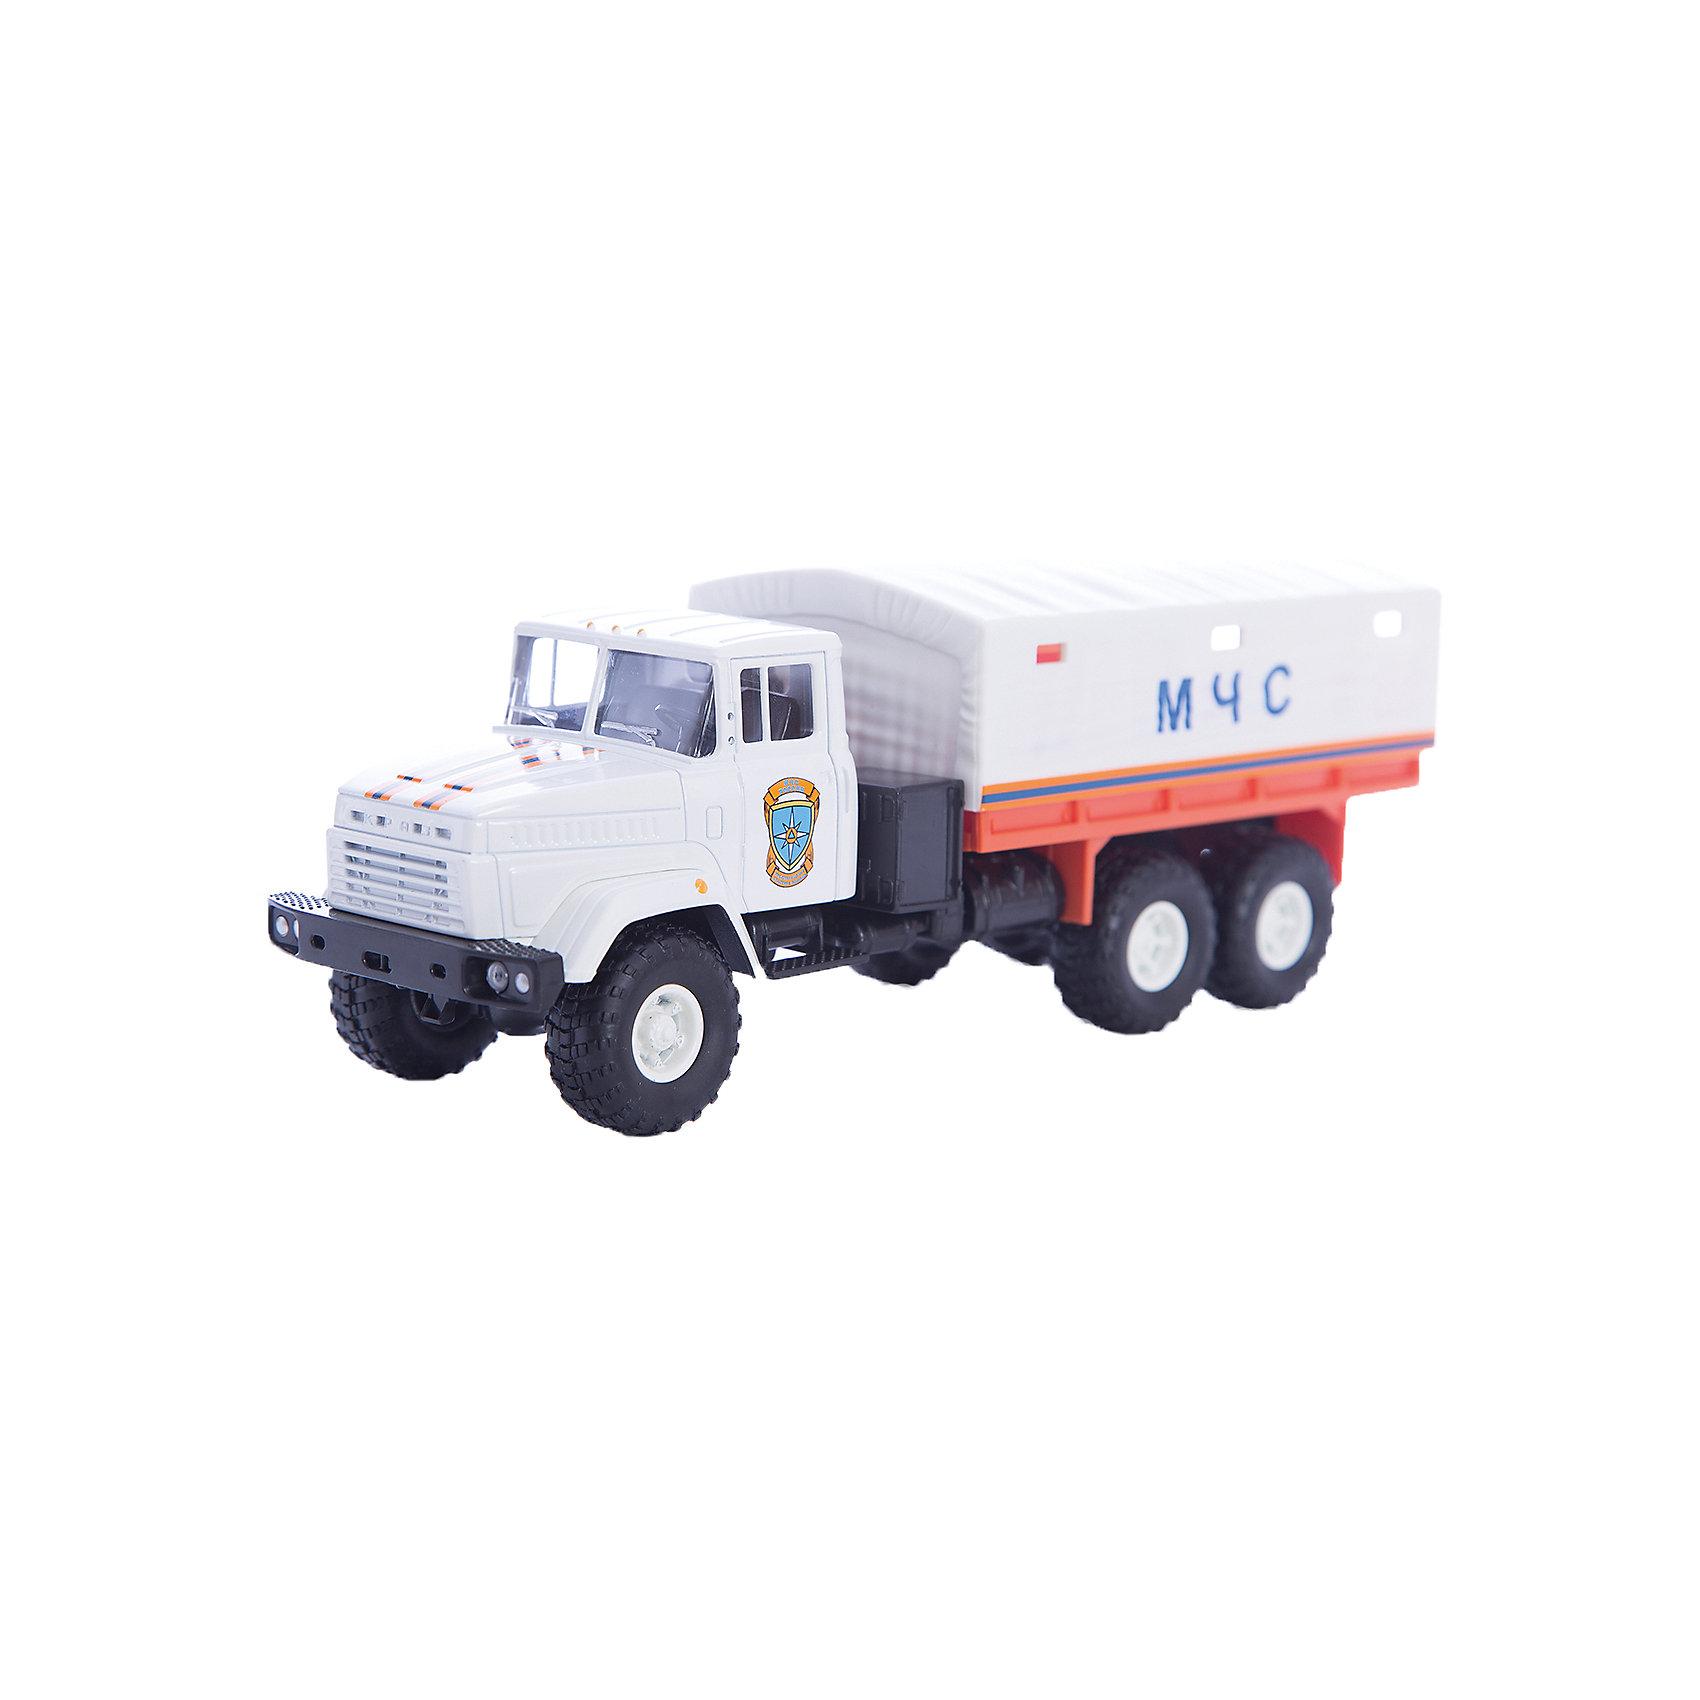 Машинка KRAZ-6322 МЧС, AutotimeМашинки<br>Характеристики товара:<br><br>• цвет: белый<br>• материал: металл, пластик<br>• длина: 20 см<br>• размер упаковки: 22х7х17 см<br>• вес: 100 г<br>• масштаб: 1:43<br>• хорошая детализация<br>• вращаются колеса<br>• коллекционная<br>• страна бренда: Россия<br>• страна производства: Китай<br><br>Многие мальчики в детстве мечтают стать героями. Эта машинка позволит вашему ребенку представить себя на месте отважного спасателя! Коллекционная модель машины - это уменьшенная копия грузовика. Данная модель выполнена с тщательной детализацией и представлена в масштабе 1:43. Кабина грузовика окрашена в характерный цвет. <br><br>Машинка может выполнять сразу несколько функций: развлекать ребенка, помогать вырабатывать практические качества: ловкость, координацию, мелкую моторику. Также в процессе увлекательной игры развивается фантазия ребенка. Изделие выполнено из сертифицированных материалов, безопасных для детей. Машинка стимулирует двигательную активность ребенка, дает представление об устройстве автомобиля. Эта модель станет отличным подарком как отдельная игрушка, а также может пополнить коллекцию юного ценителя техники.<br><br>Машинку KRAZ-6322 МЧС от бренда AUTOTIME можно купить в нашем интернет-магазине.<br><br>Ширина мм: 250<br>Глубина мм: 95<br>Высота мм: 110<br>Вес г: 25<br>Возраст от месяцев: 36<br>Возраст до месяцев: 2147483647<br>Пол: Мужской<br>Возраст: Детский<br>SKU: 5584002